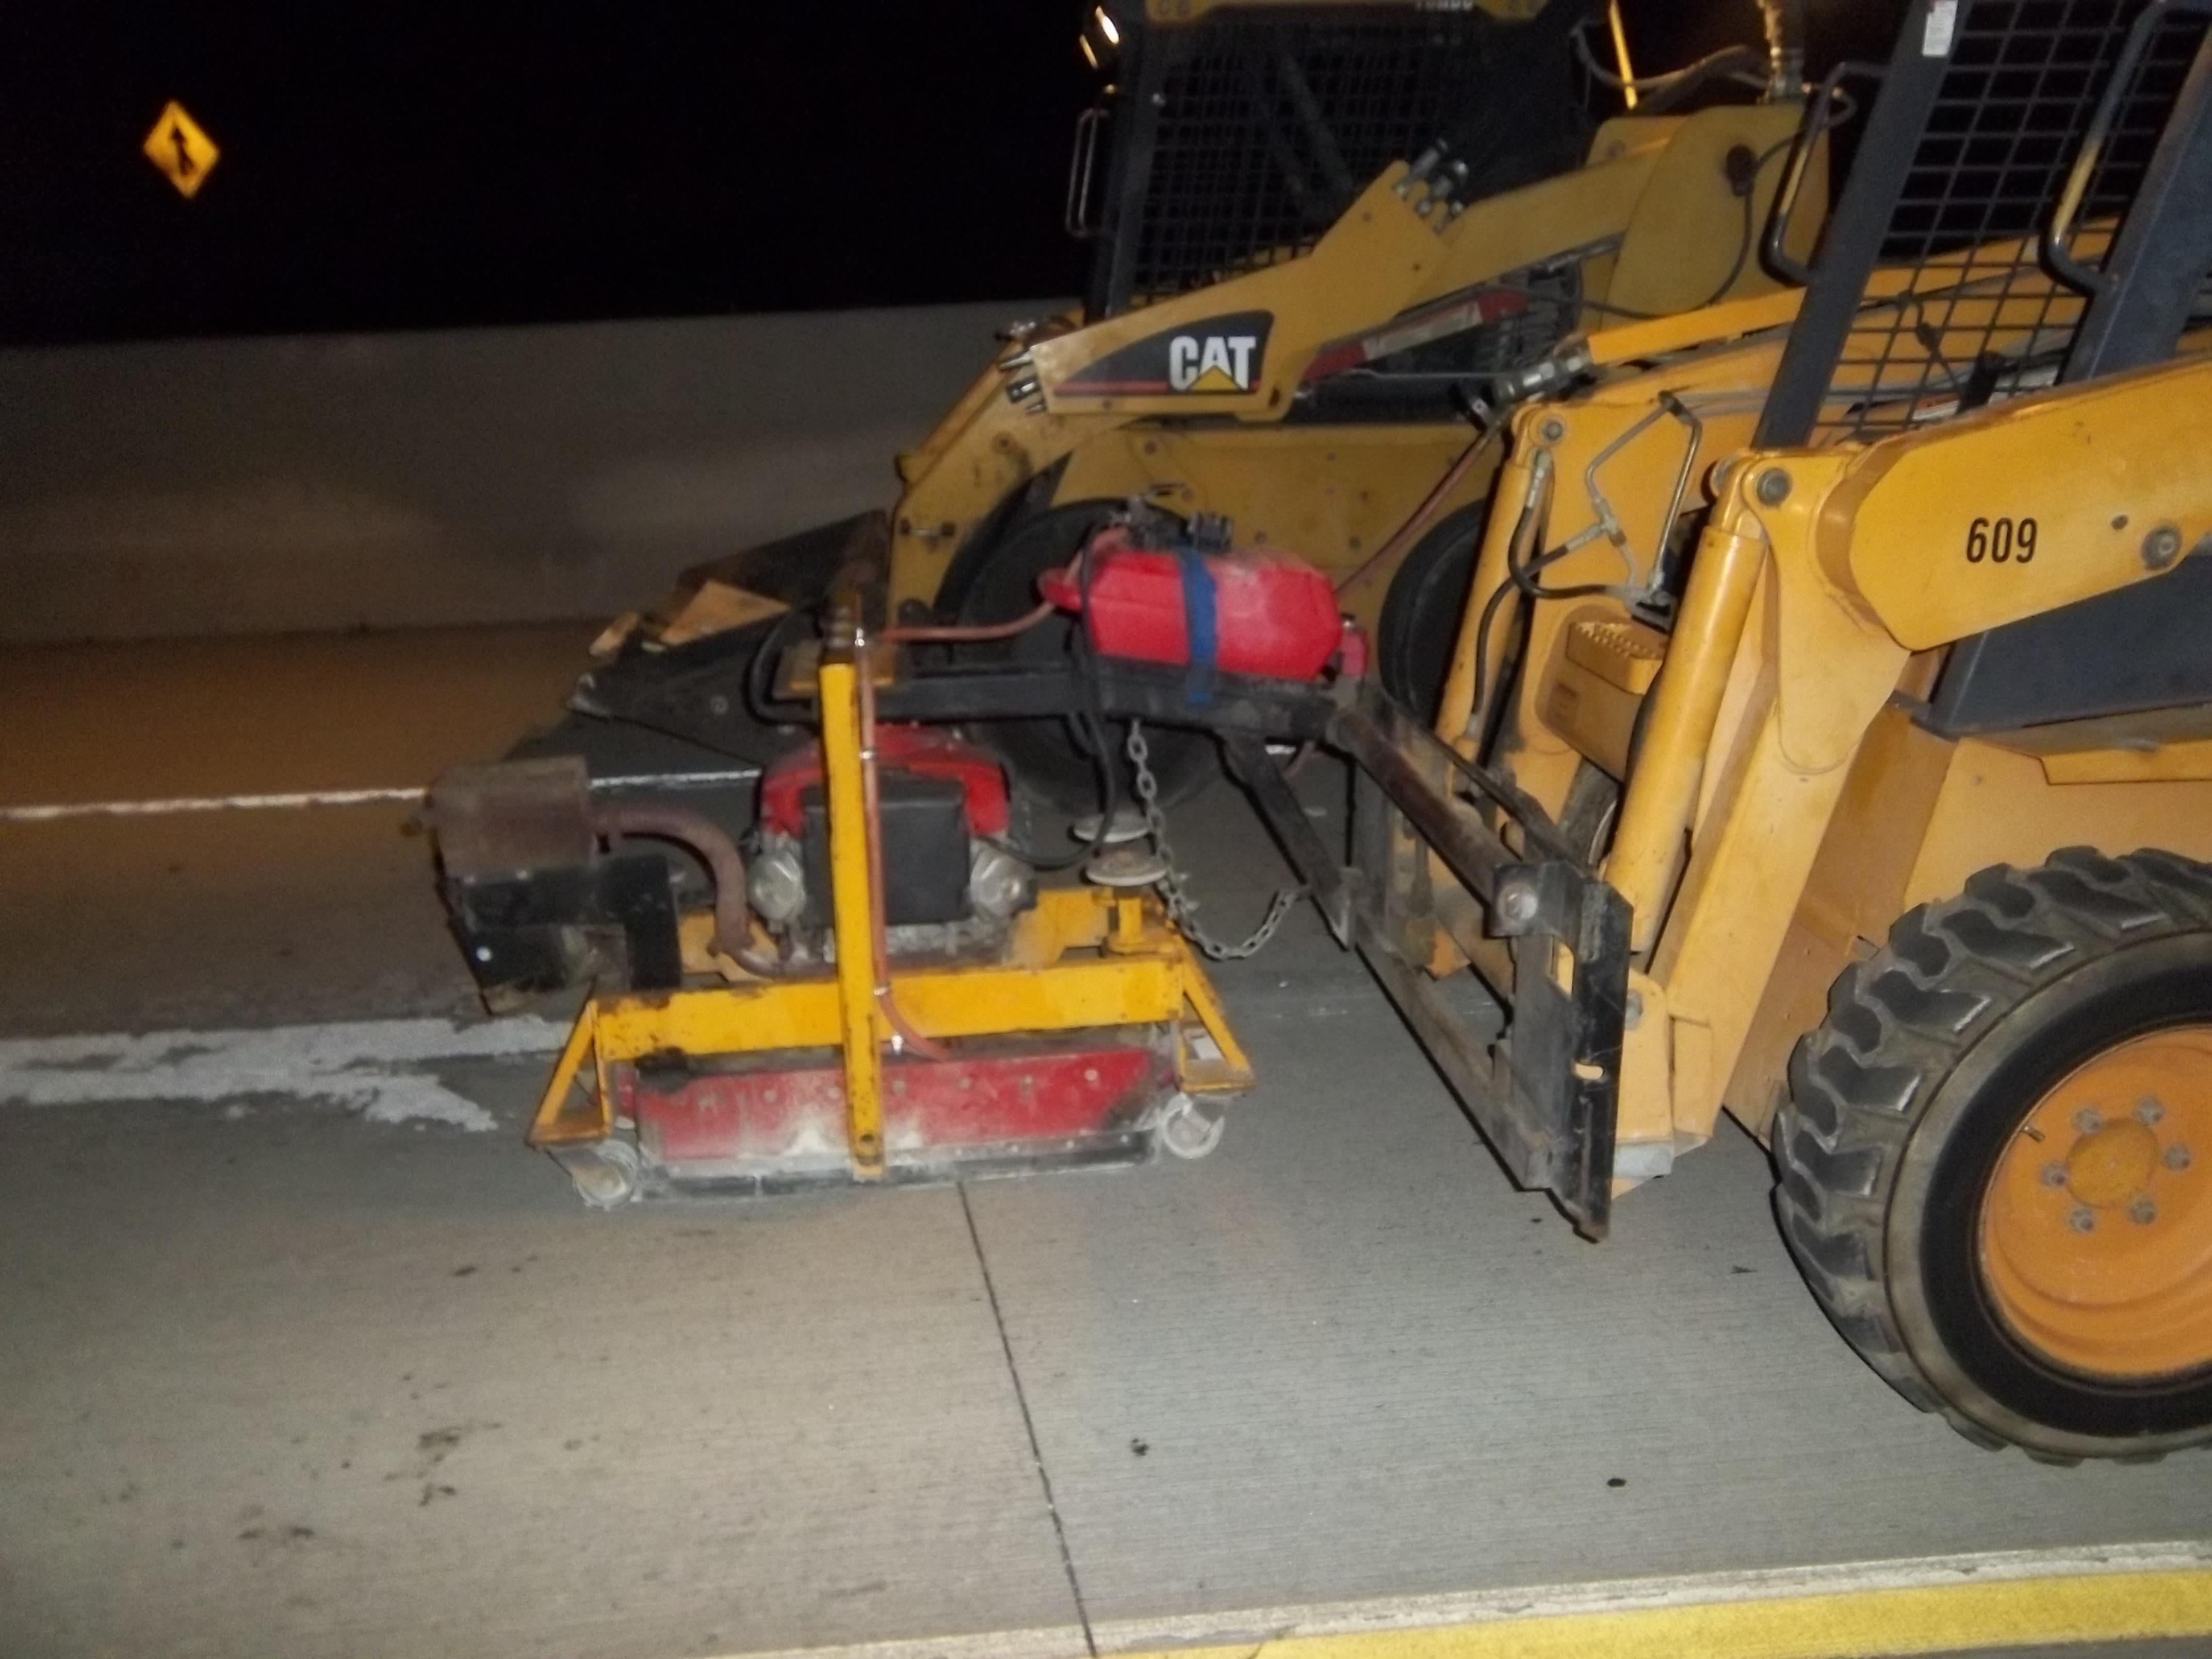 Maquinaria trabajando en el retrazado de los carriles en la autopista. (Foto Metro)